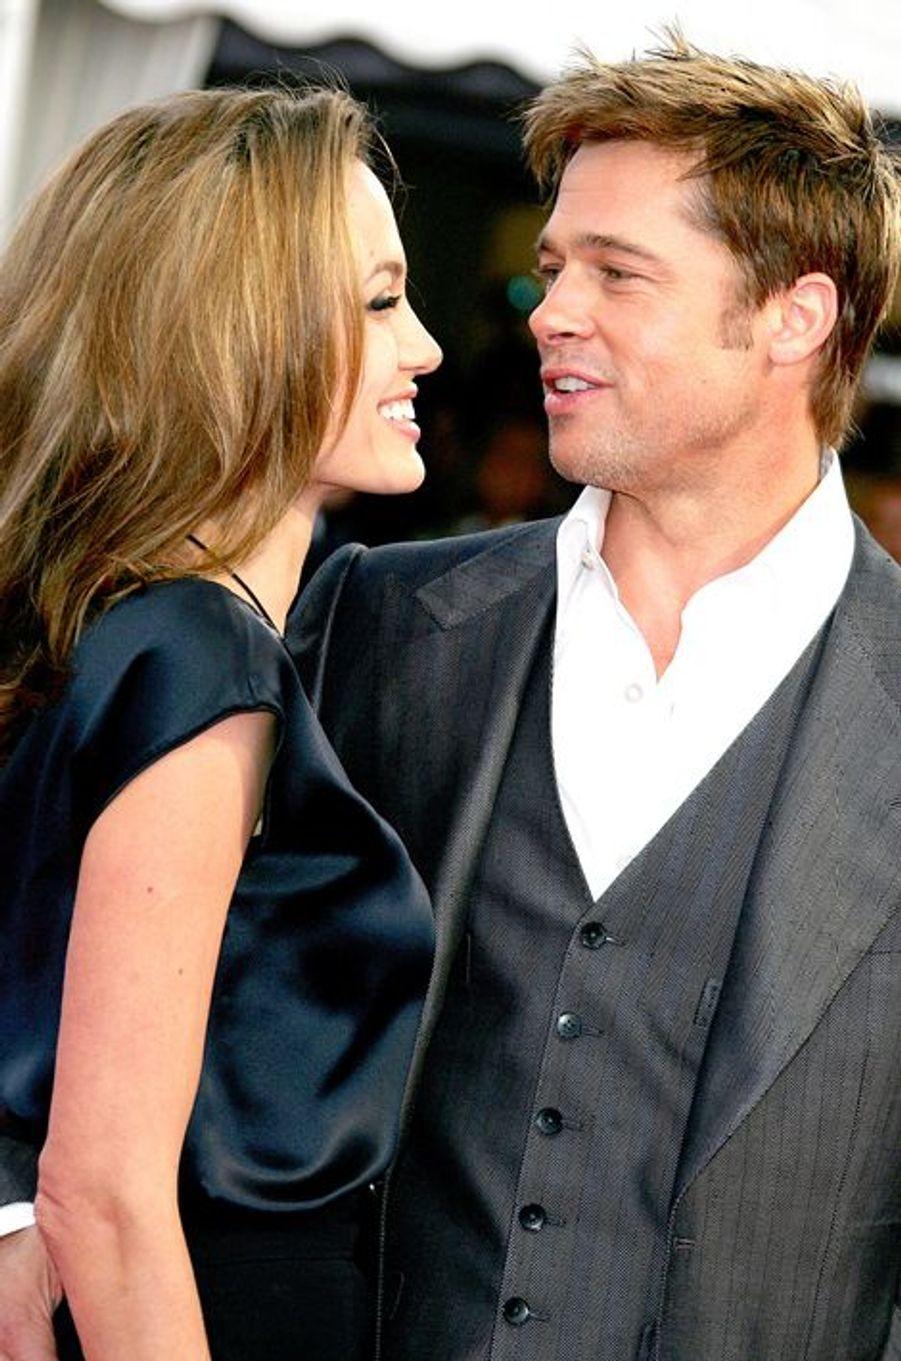 """Couple déjà mythique, les """"Brangelina"""" se rencontrent sur le tournage de """"M. et Mrs. Smith"""" en 2005. Même si les deux acteurs démentent toute relation extraconjugale (Brad Pitt est alors marié à Jennifer Aniston), les premières photos de leurs vacances au Kenya avec les fils de l'actrice durant l'été de la même année ne laissent que peu de place au doute pour les journalistes à l'affût. C'est finalement Angelina Jolie qui annoncera sa grossesse en janvier 2006, confirmant ainsi pour de bon leur relation. Après avoir adopté Zahara et accueilli Shiloh puis les jumeaux Knox Leon et Vivienne Marcheline à l'été 2008, le couple hollywoodien s'est unit dans sa demeure située dans le sud de la France, en août 2014."""